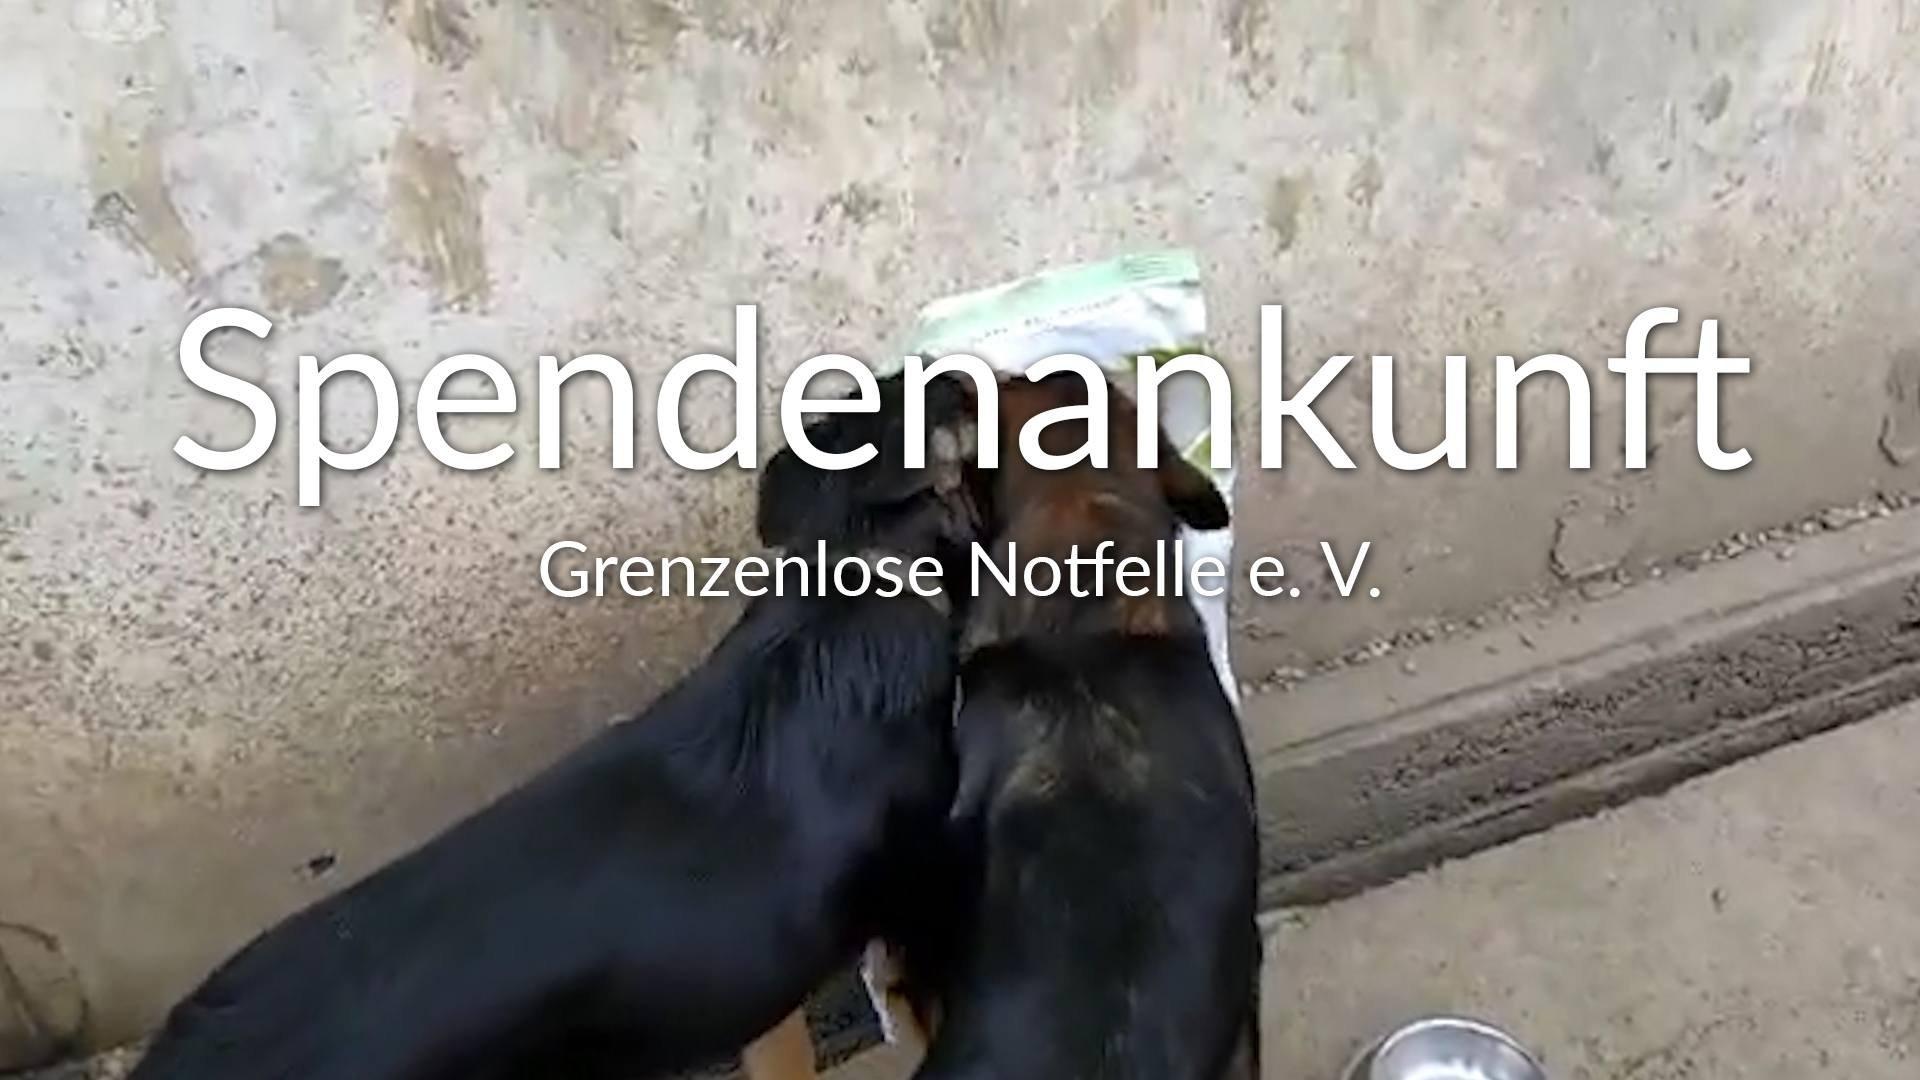 Grenzenlose Notfelle e.V.-Futterspendenankunft-maerz-2020-Spenden-Marathon-2019-Rumänien-VIDEO